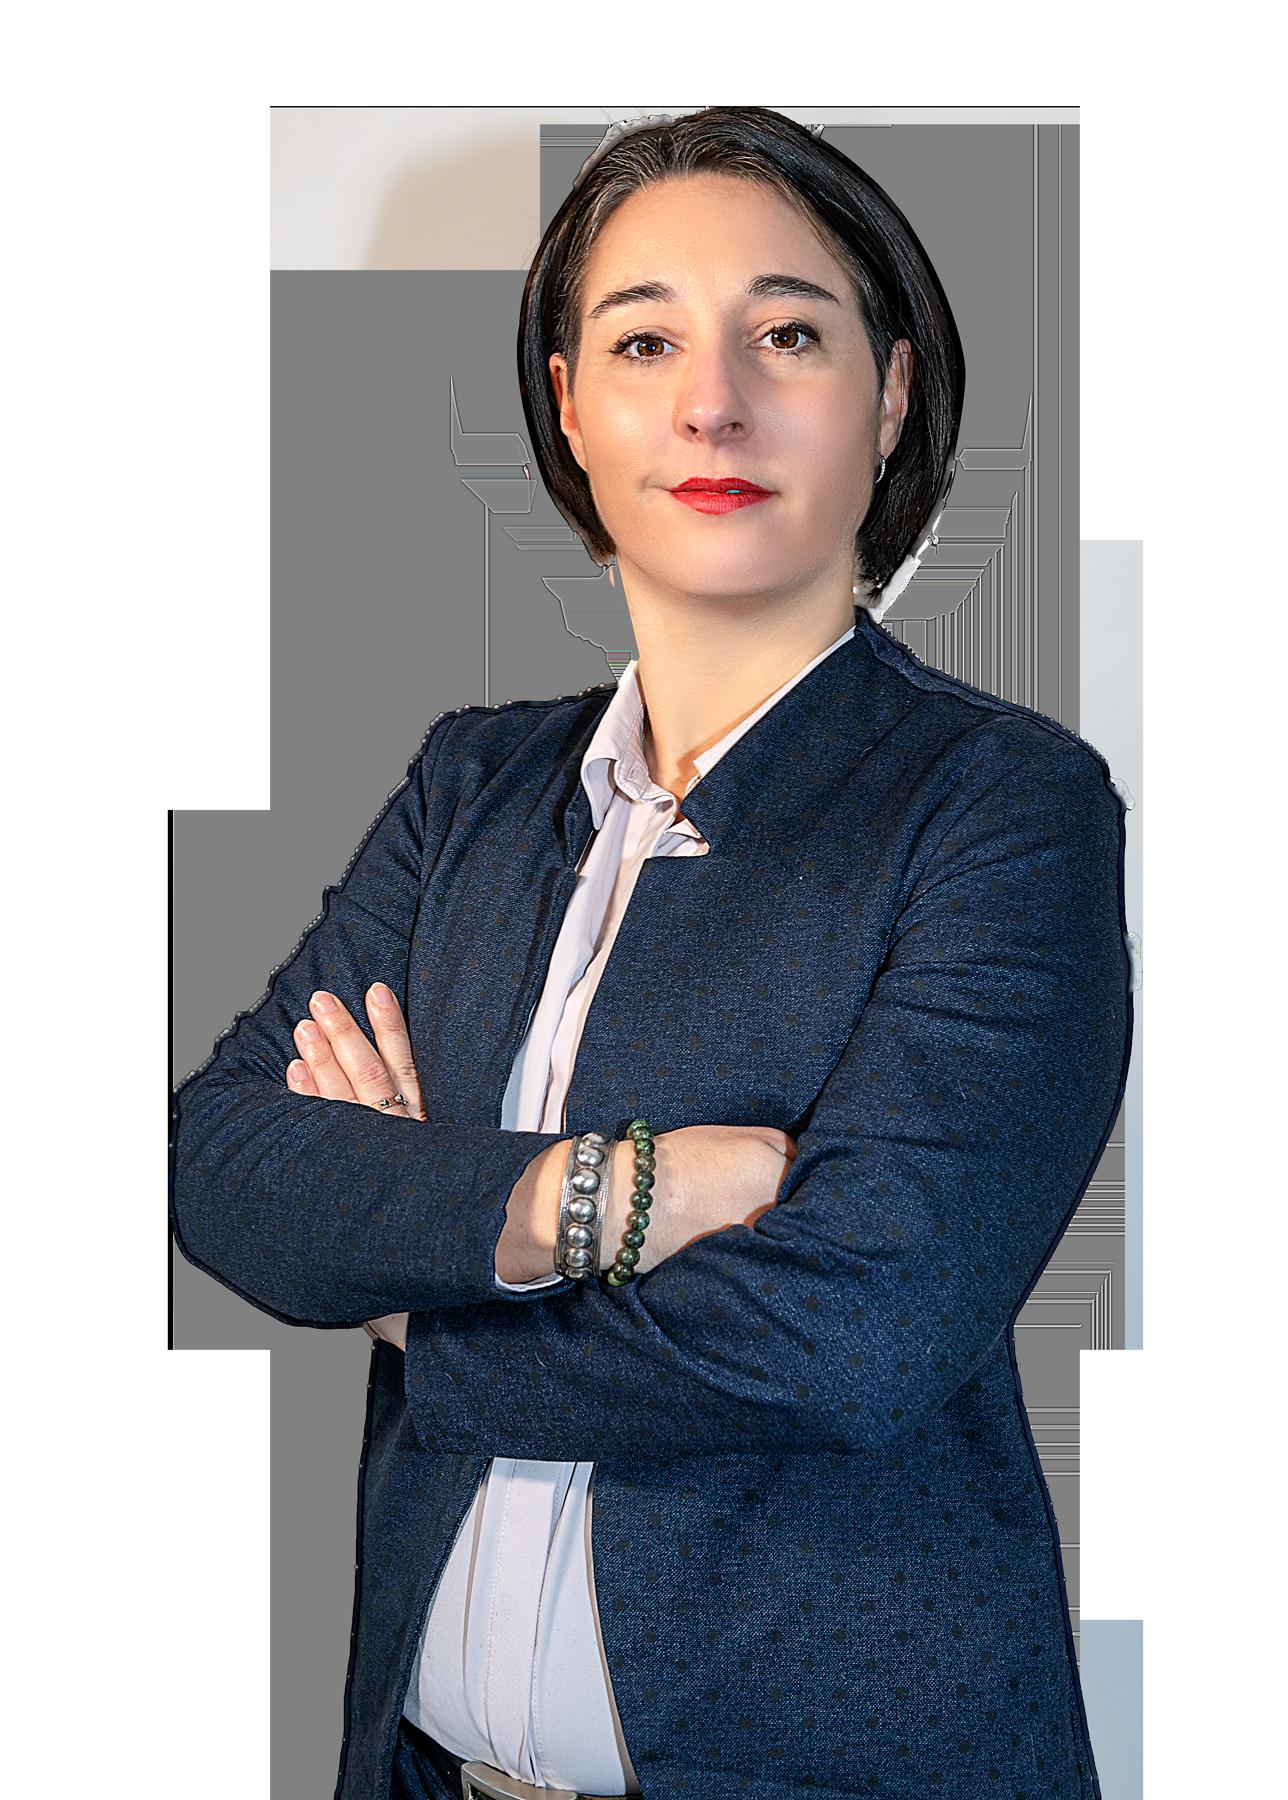 Consulente Web Seo e Web marketing a Firenze Ilaria Buselli